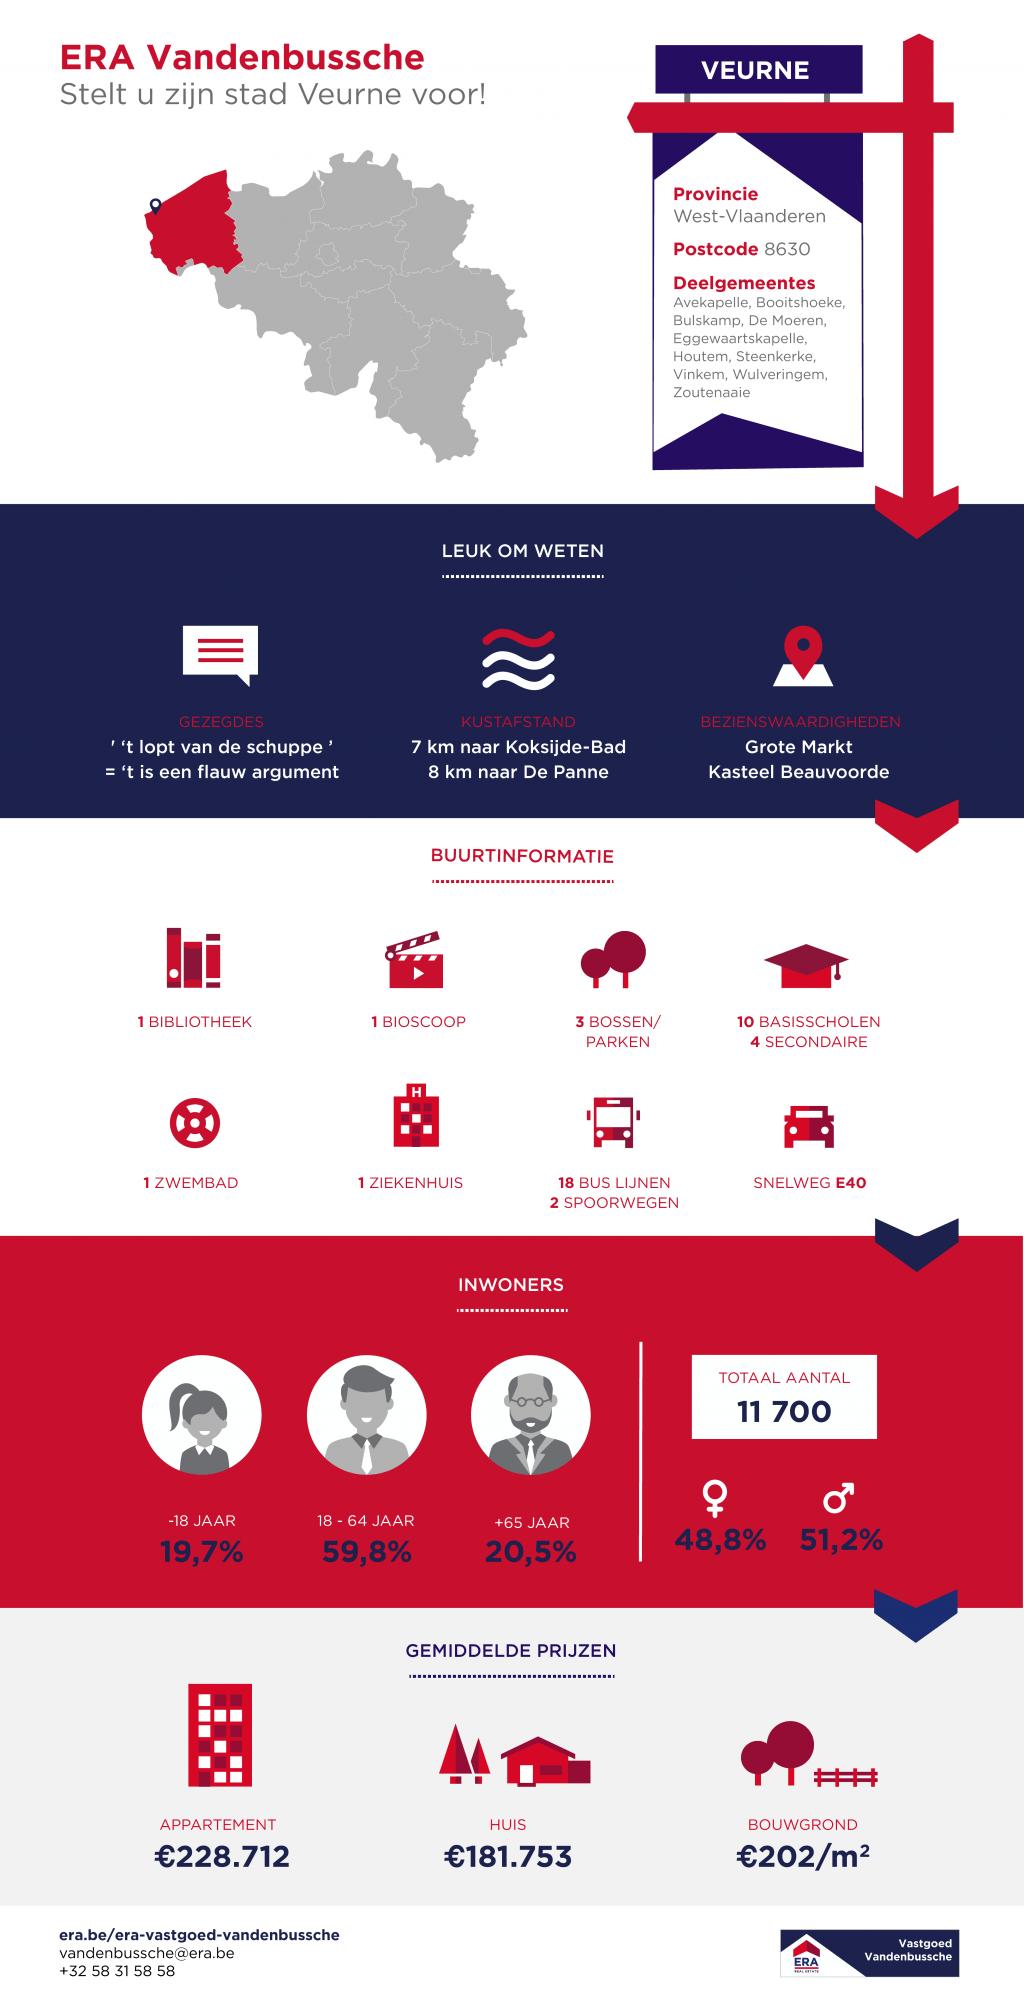 Waarom wonen in Veurne - infographic - immokantoor ERA Vandenbussche